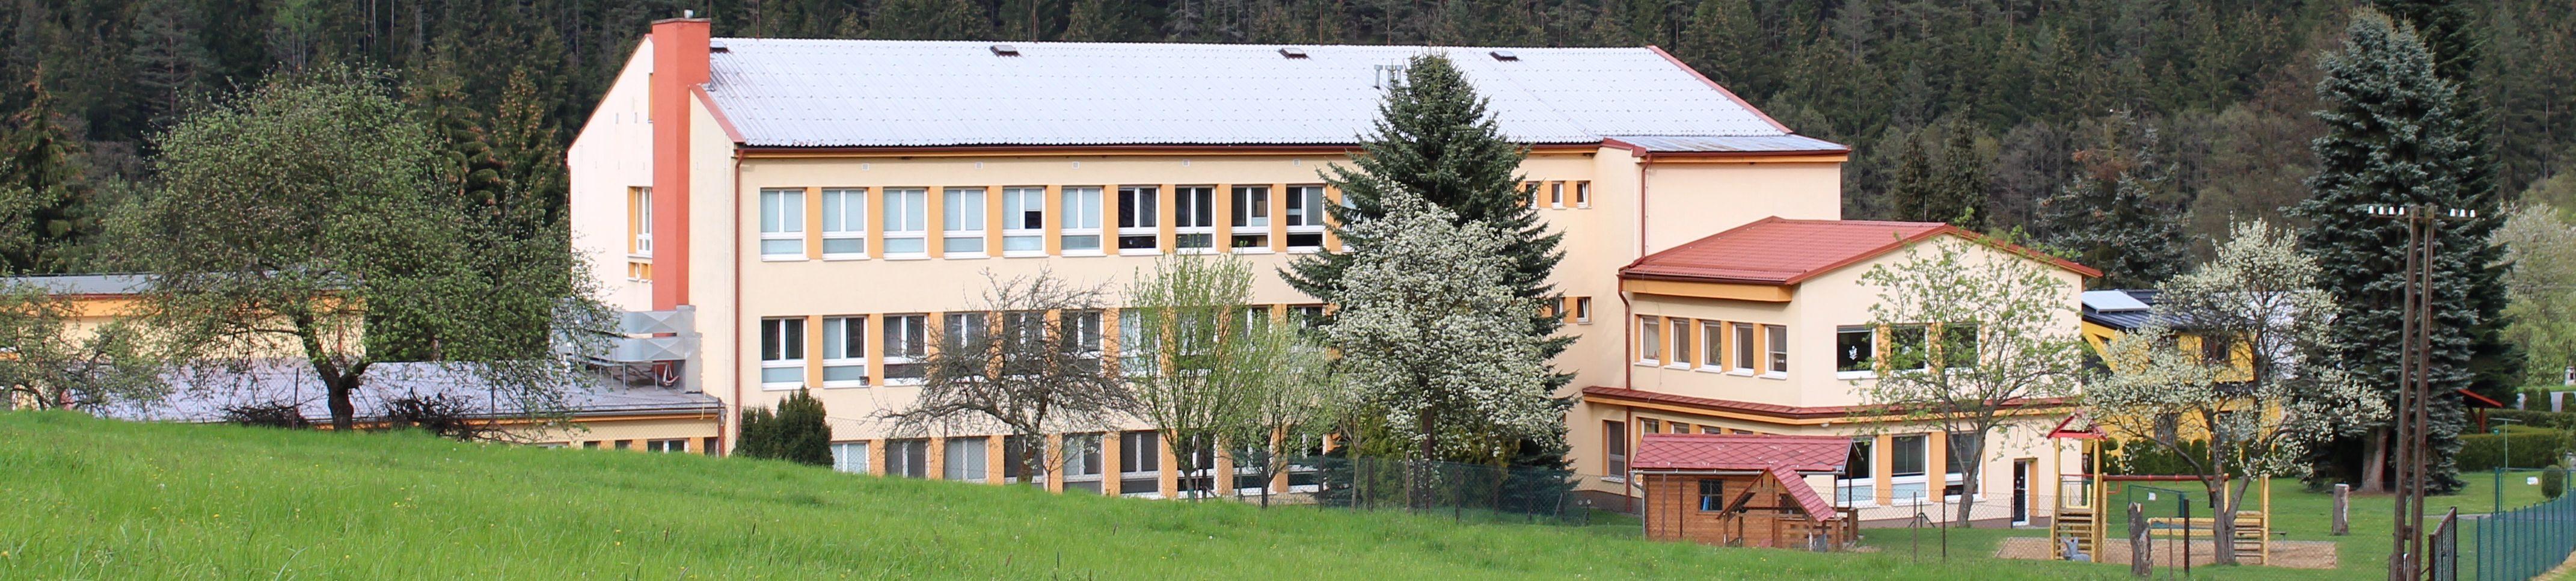 Škola pro zdravý život